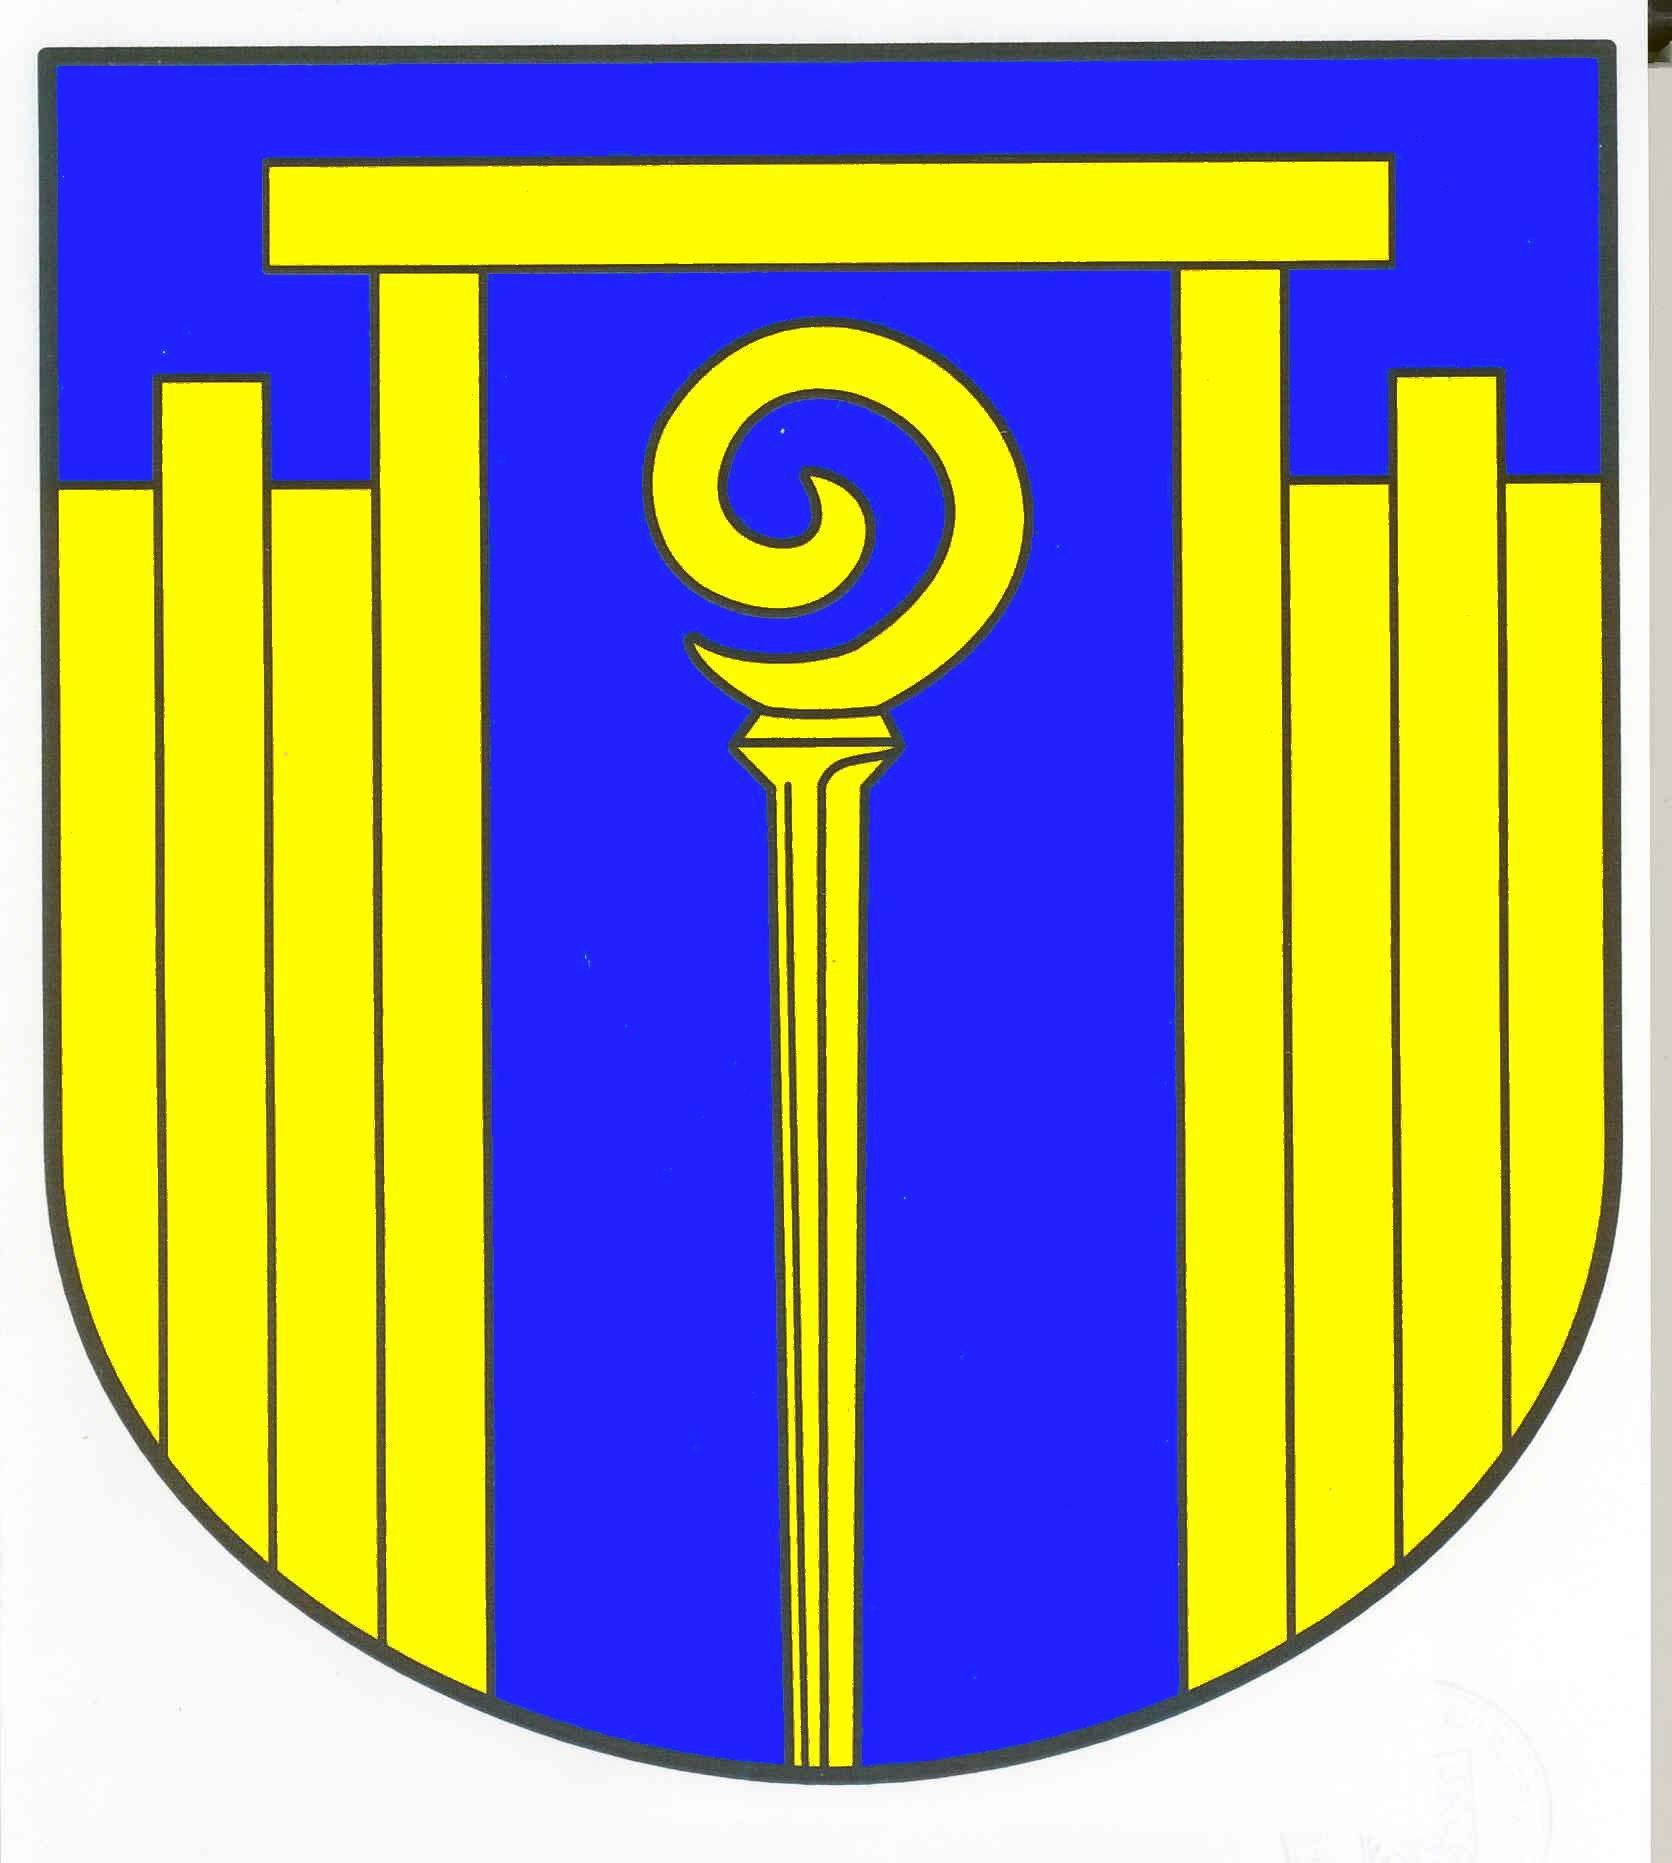 Wappen GemeindeLürschau, Kreis Schleswig-Flensburg